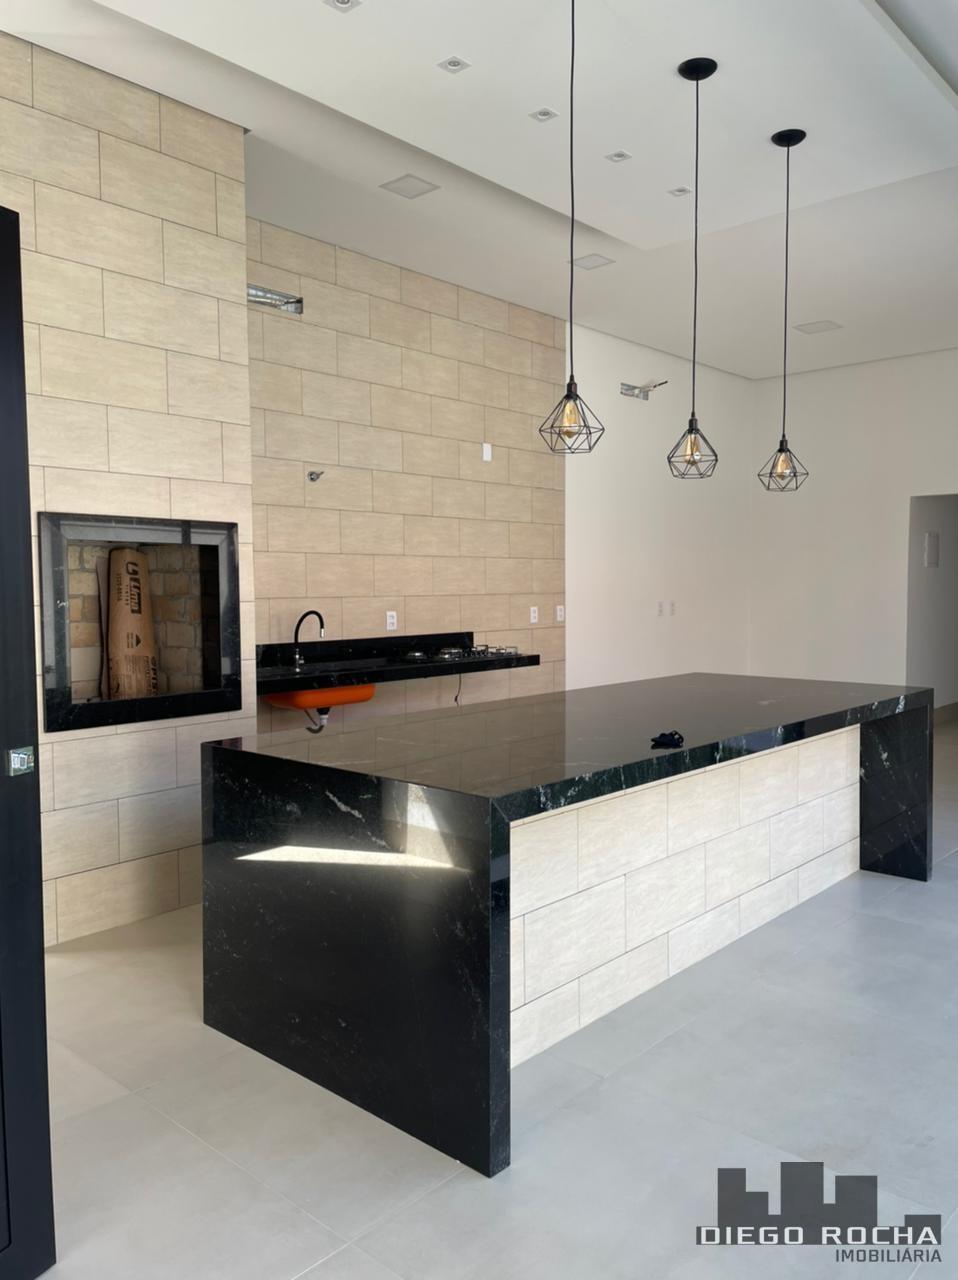 imoveis/2021/04/casa-de-alvenaria-excelente-imovel-venda-2636-2636-3-1619457657.jpg